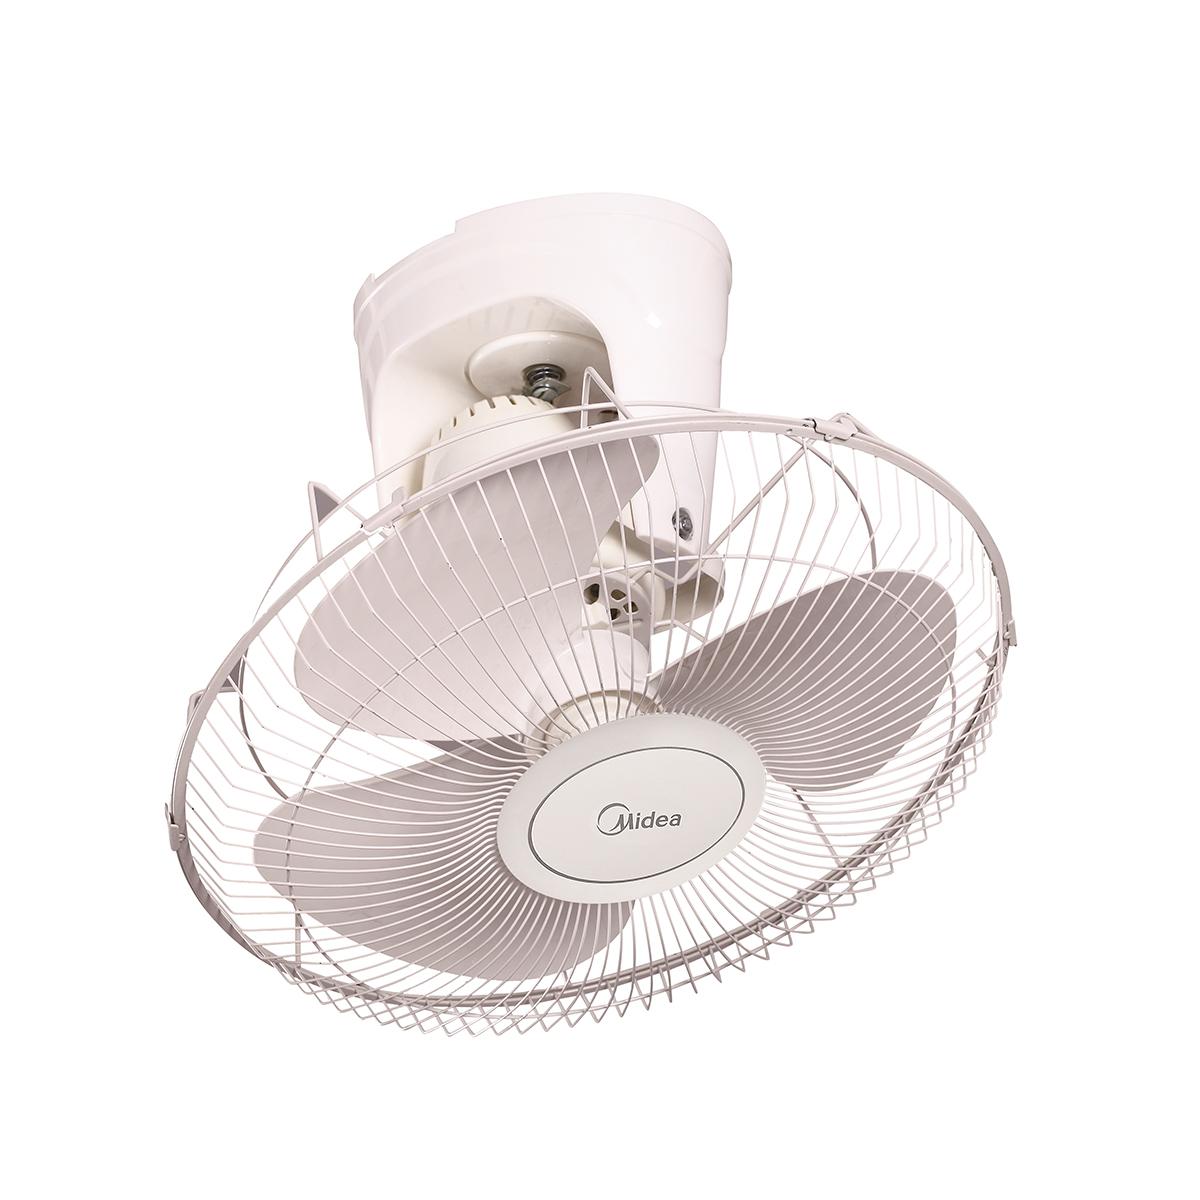 Midea/美的 FD40-G1S电风扇 说明书.pdf